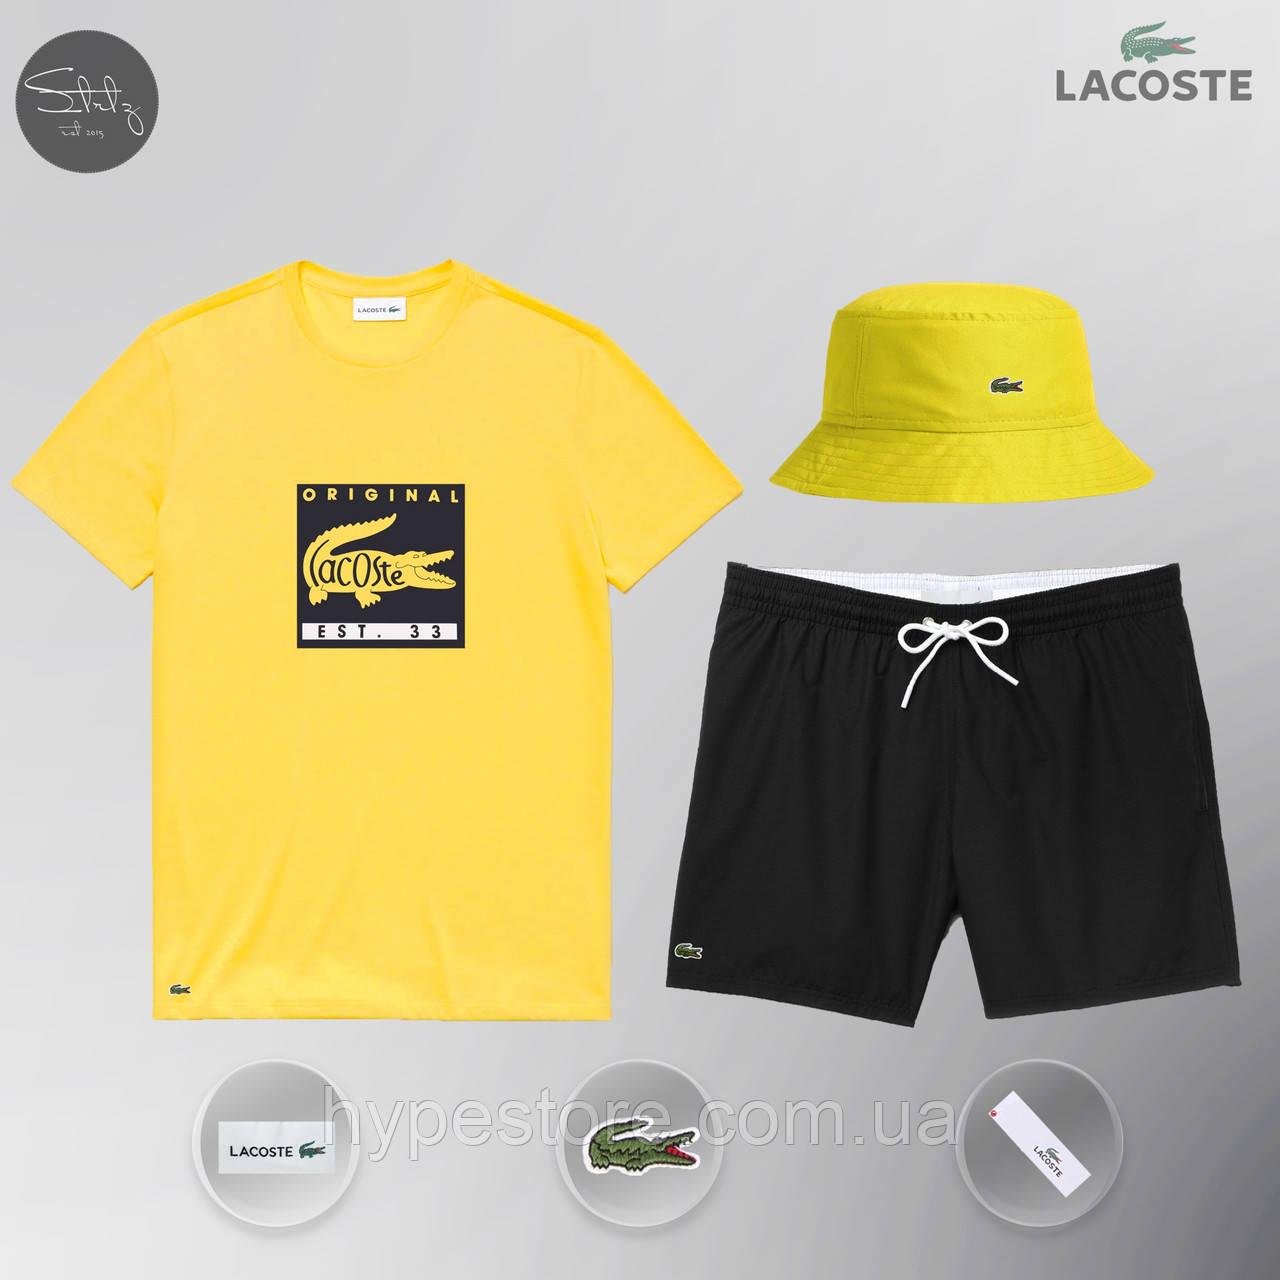 Мужской спортивный костюм, мужской пляжный комплект Lacoste Original, шорты+футболка, панама, Реплика (желтый)